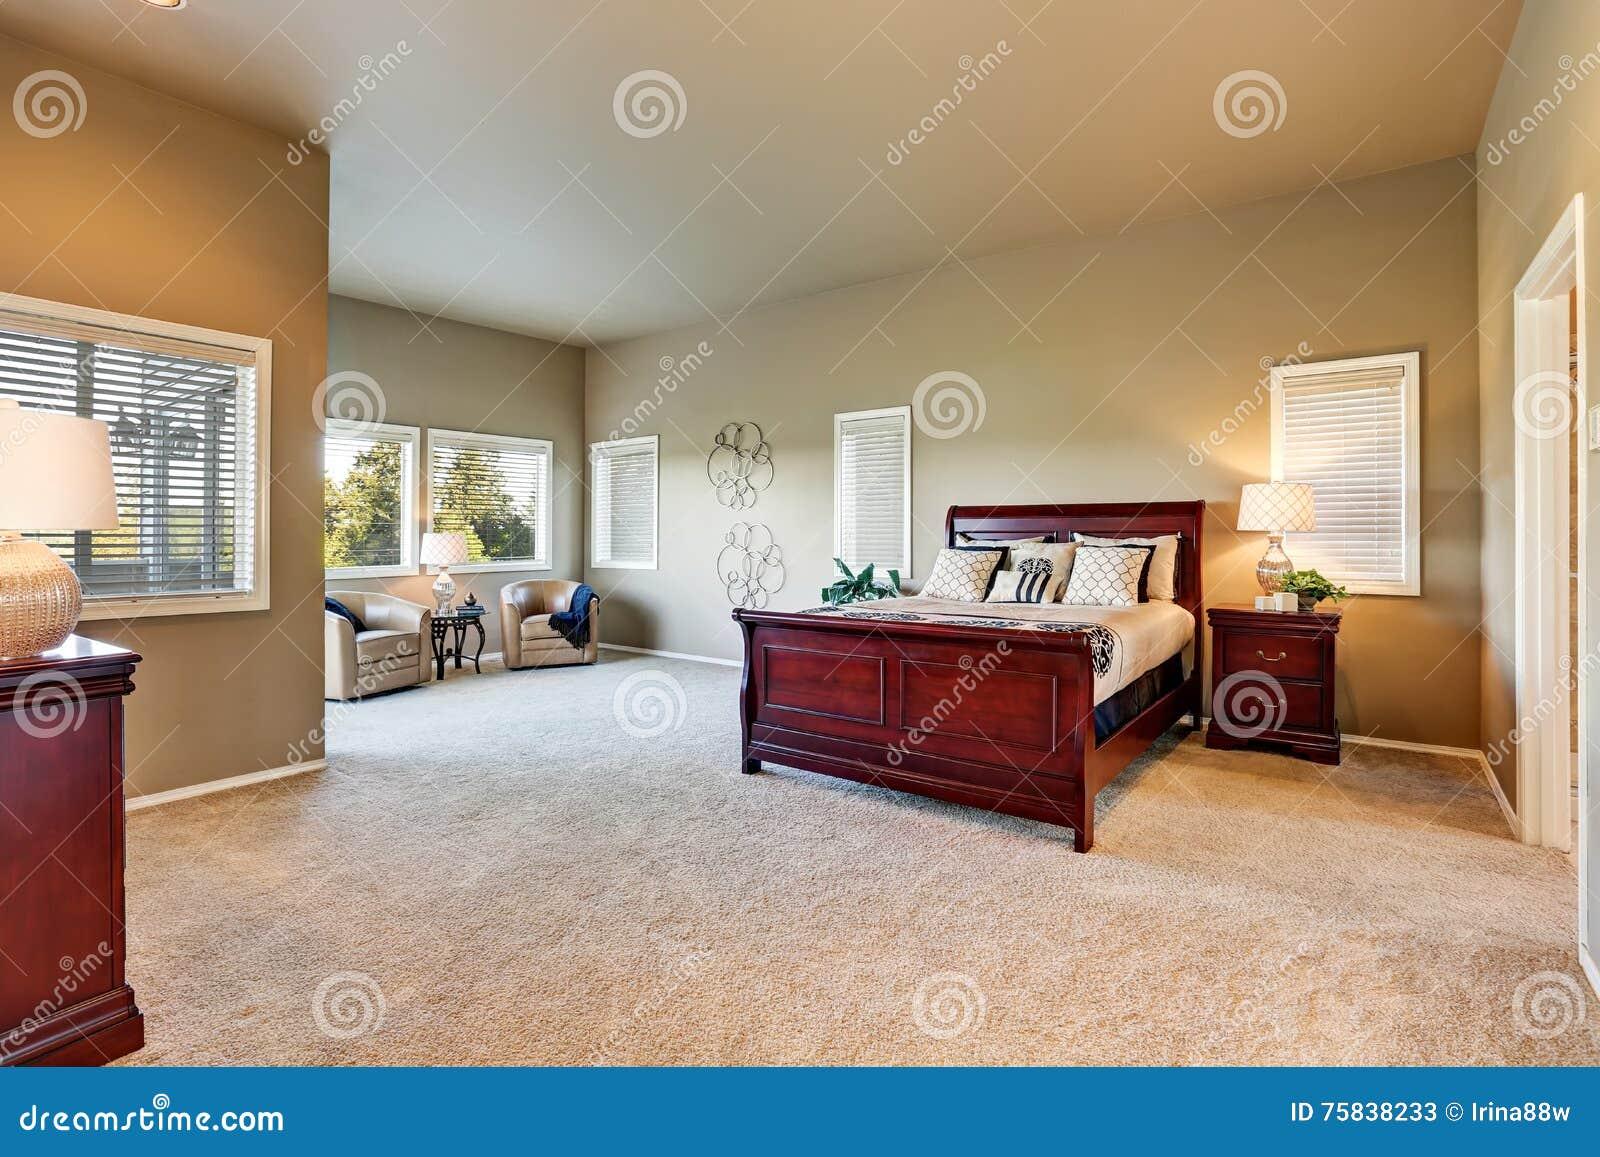 Schlafzimmerinnenraum Mit Beige Wänden Und Kirschholzmöbel .